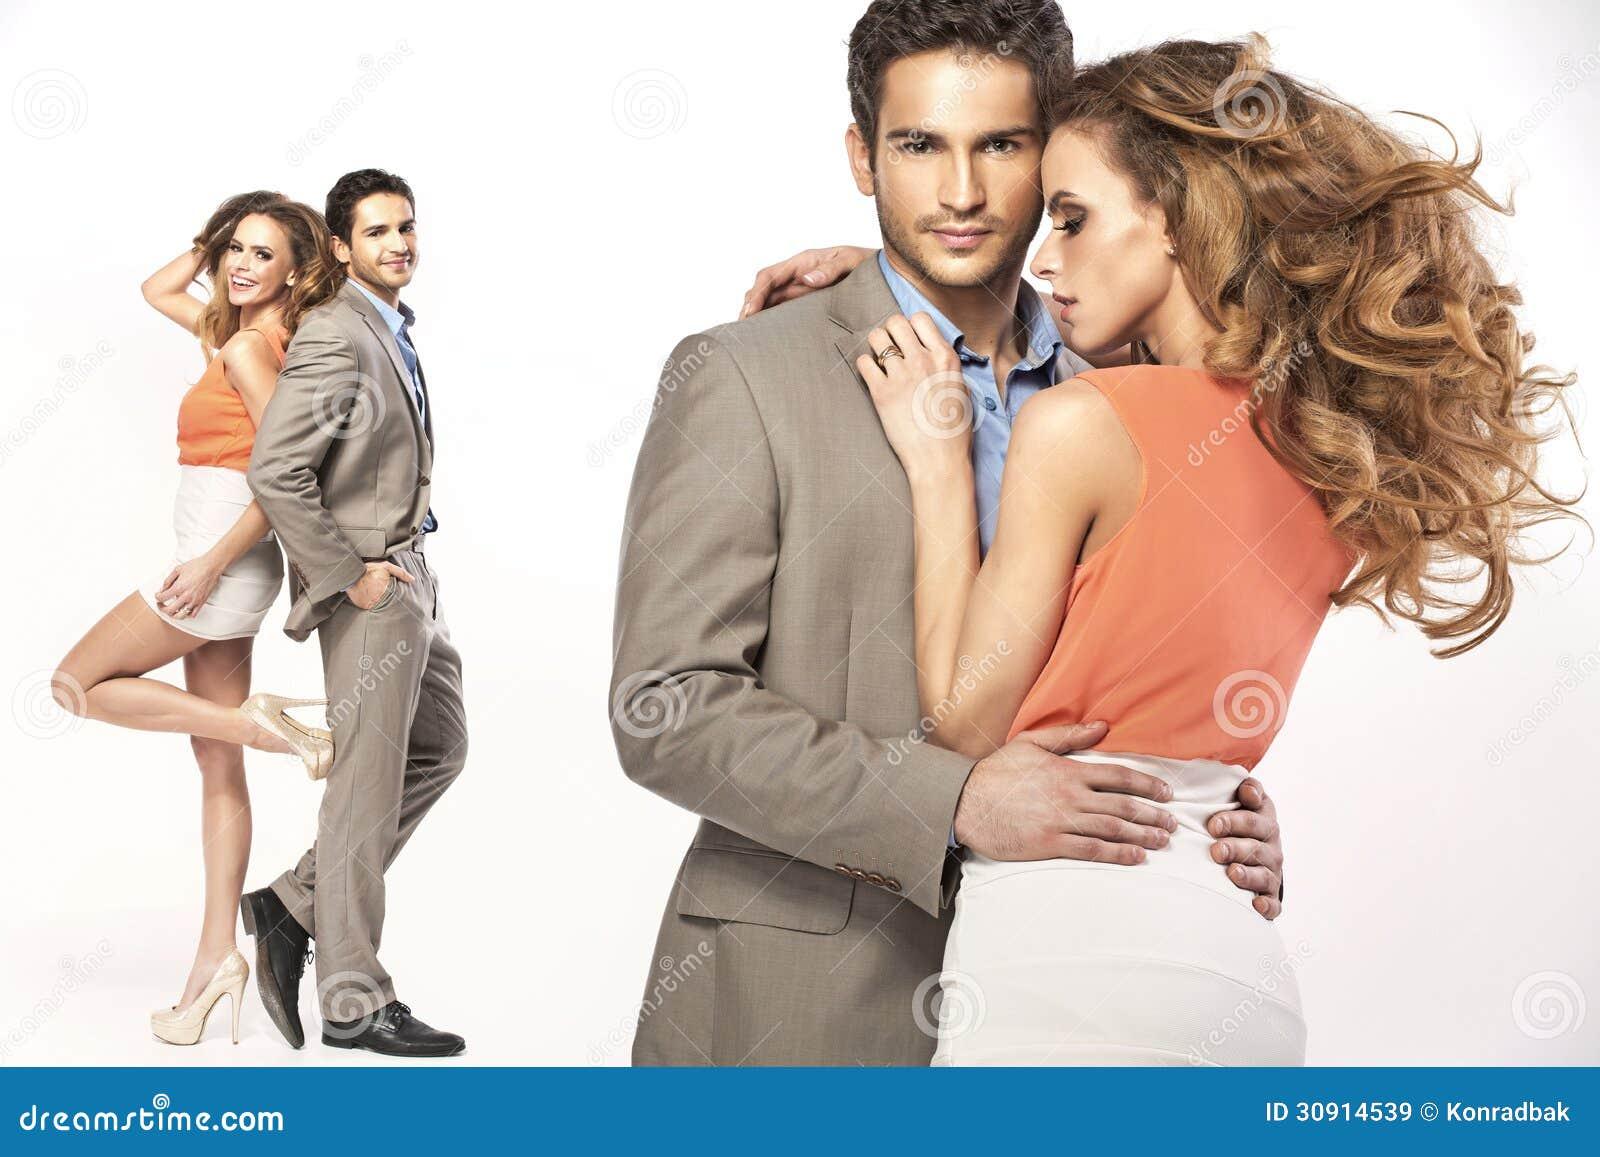 Collage von jungen lächelnden Paaren